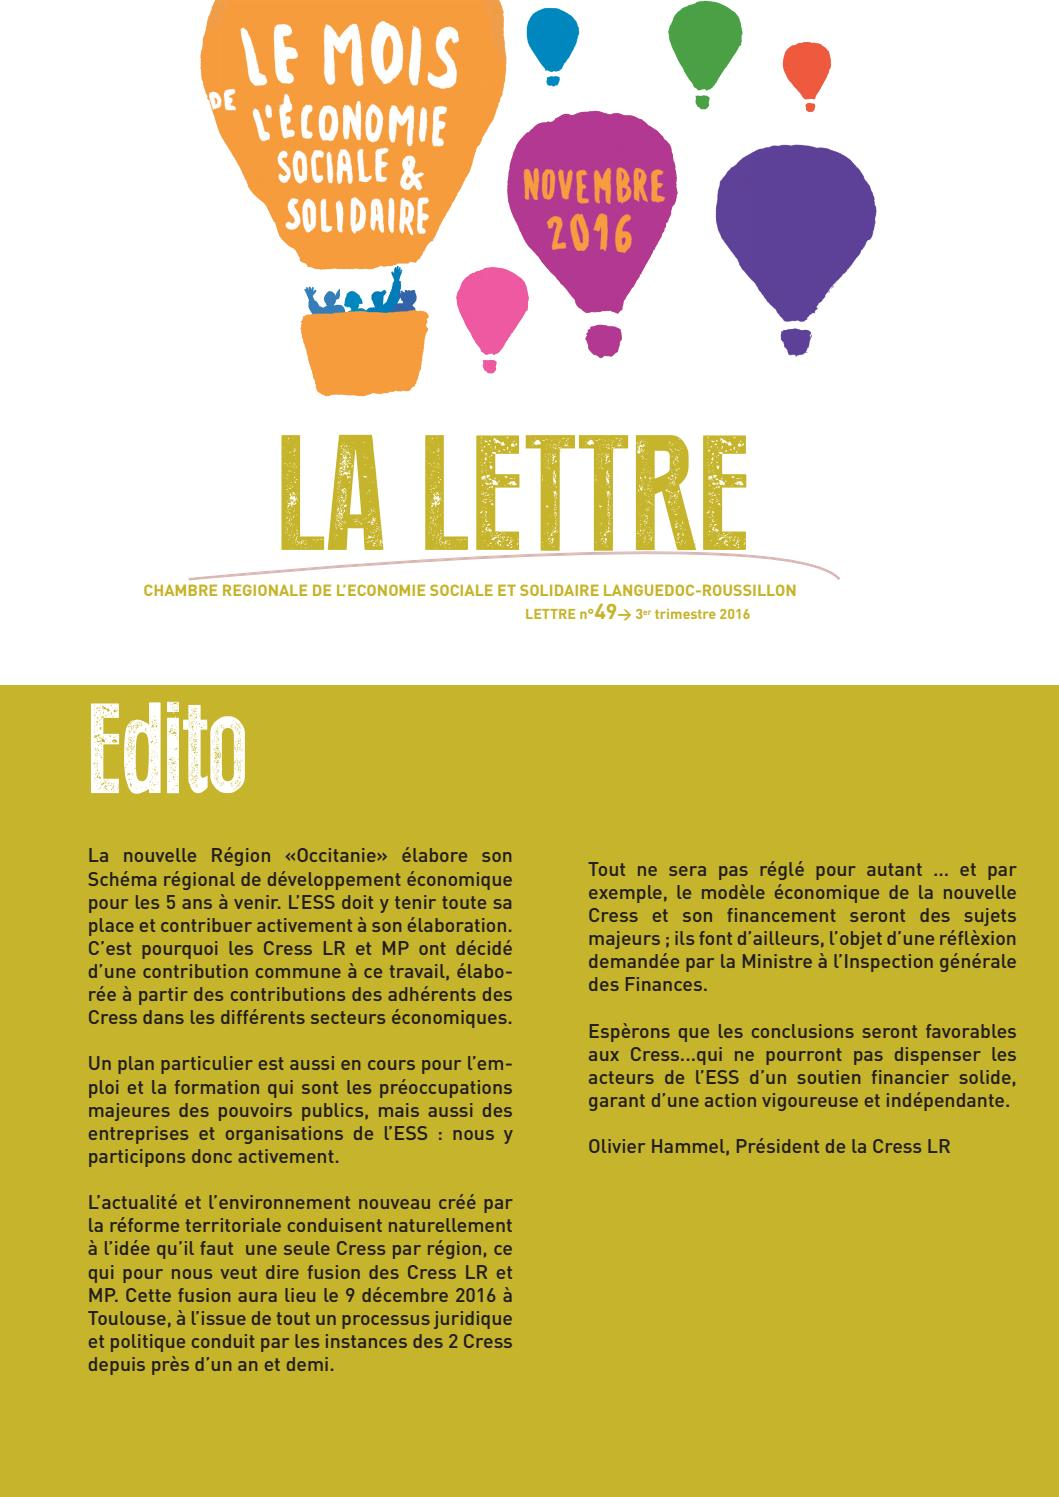 La lettre de la cress lr septembre 2016 by cress occitanie - Chambre regionale de l economie sociale et solidaire ...